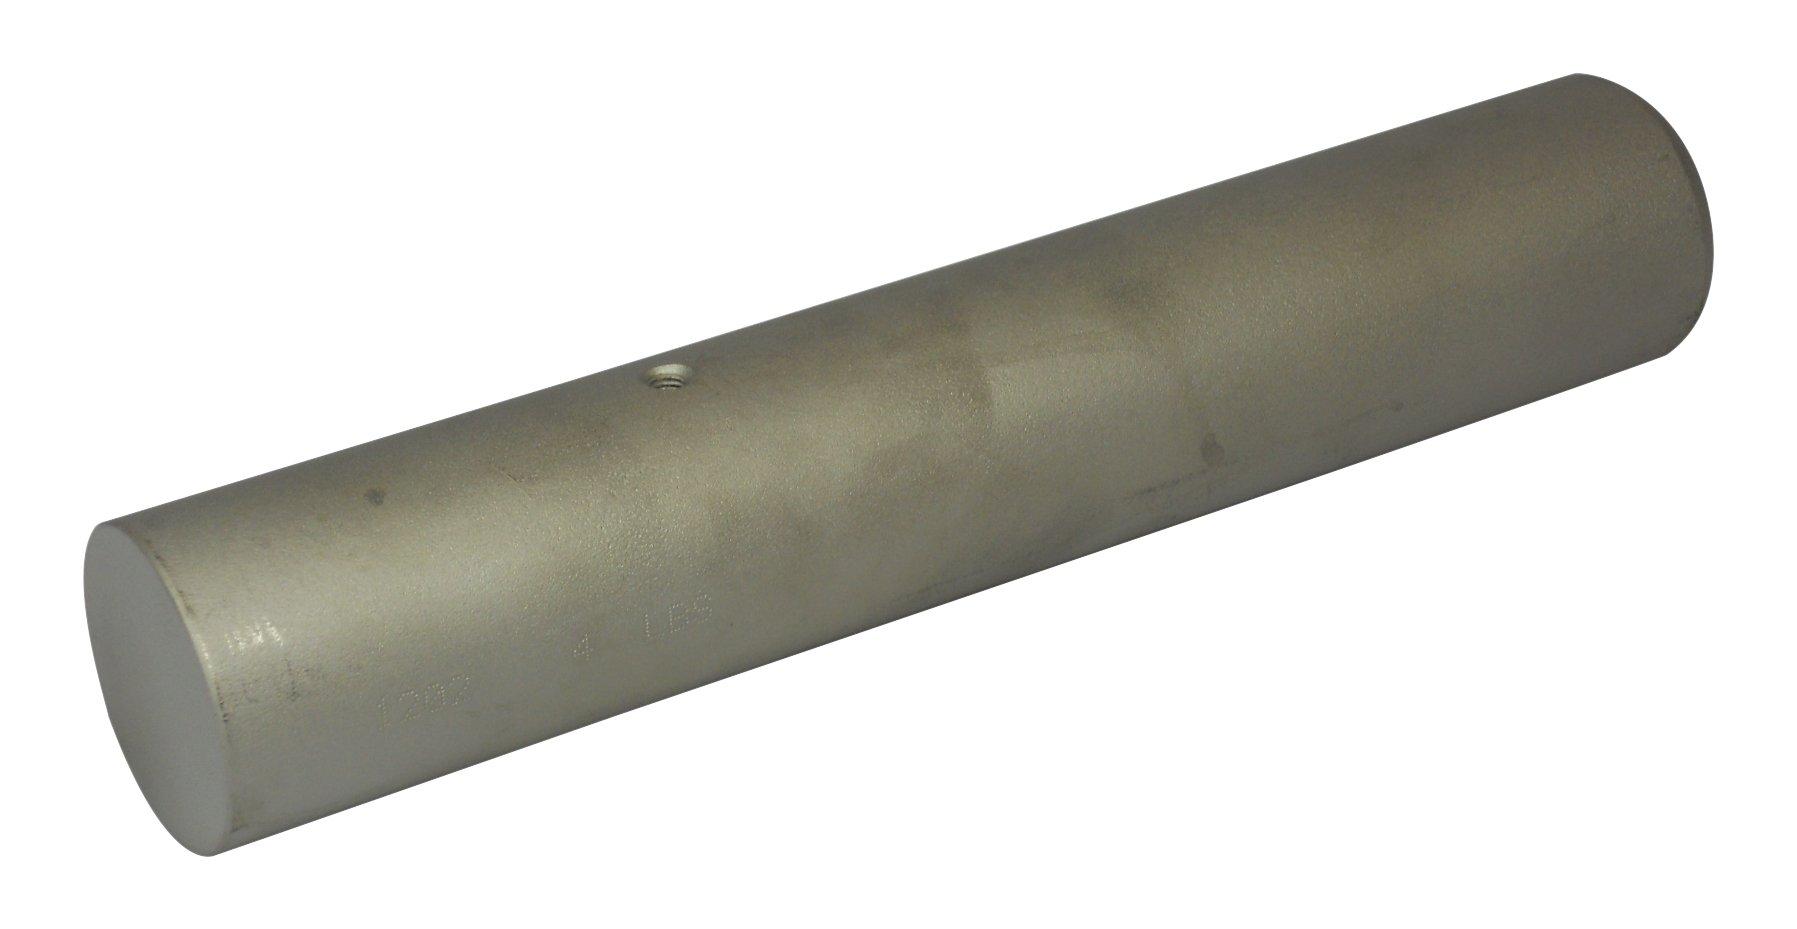 BYK-Gardner 1240 Weight, 2 lb, for Heavy-Duty Impact Tester 1120 by BYK-Gardner